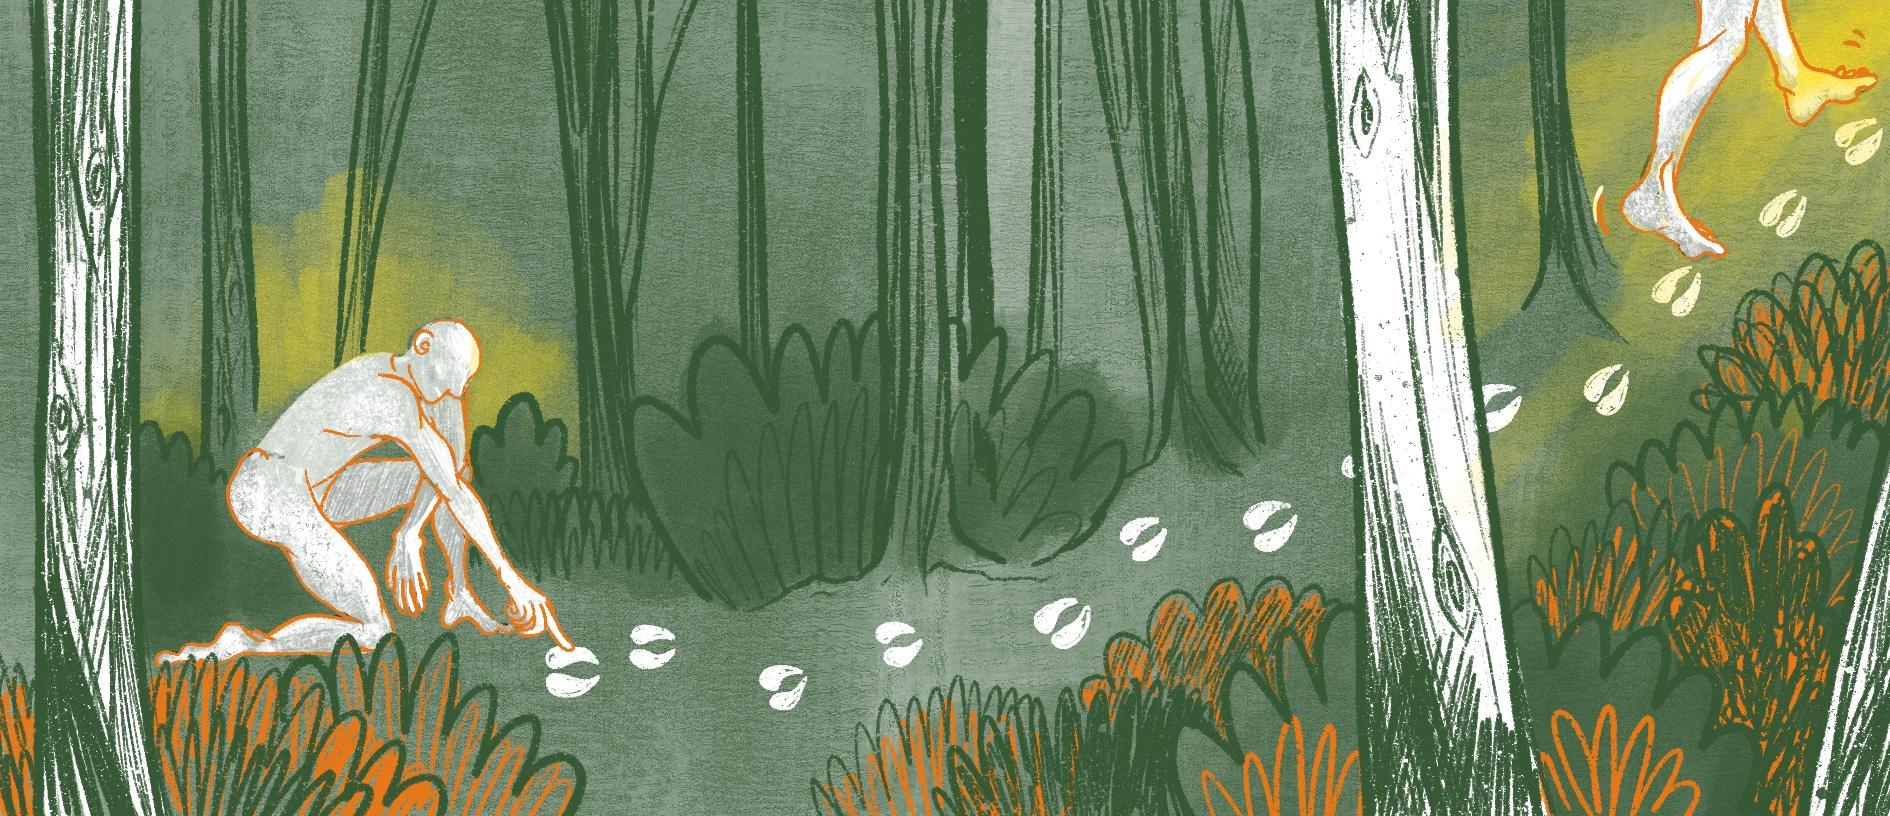 la forêt avant le Néolithique, histoire illustrée, copin.